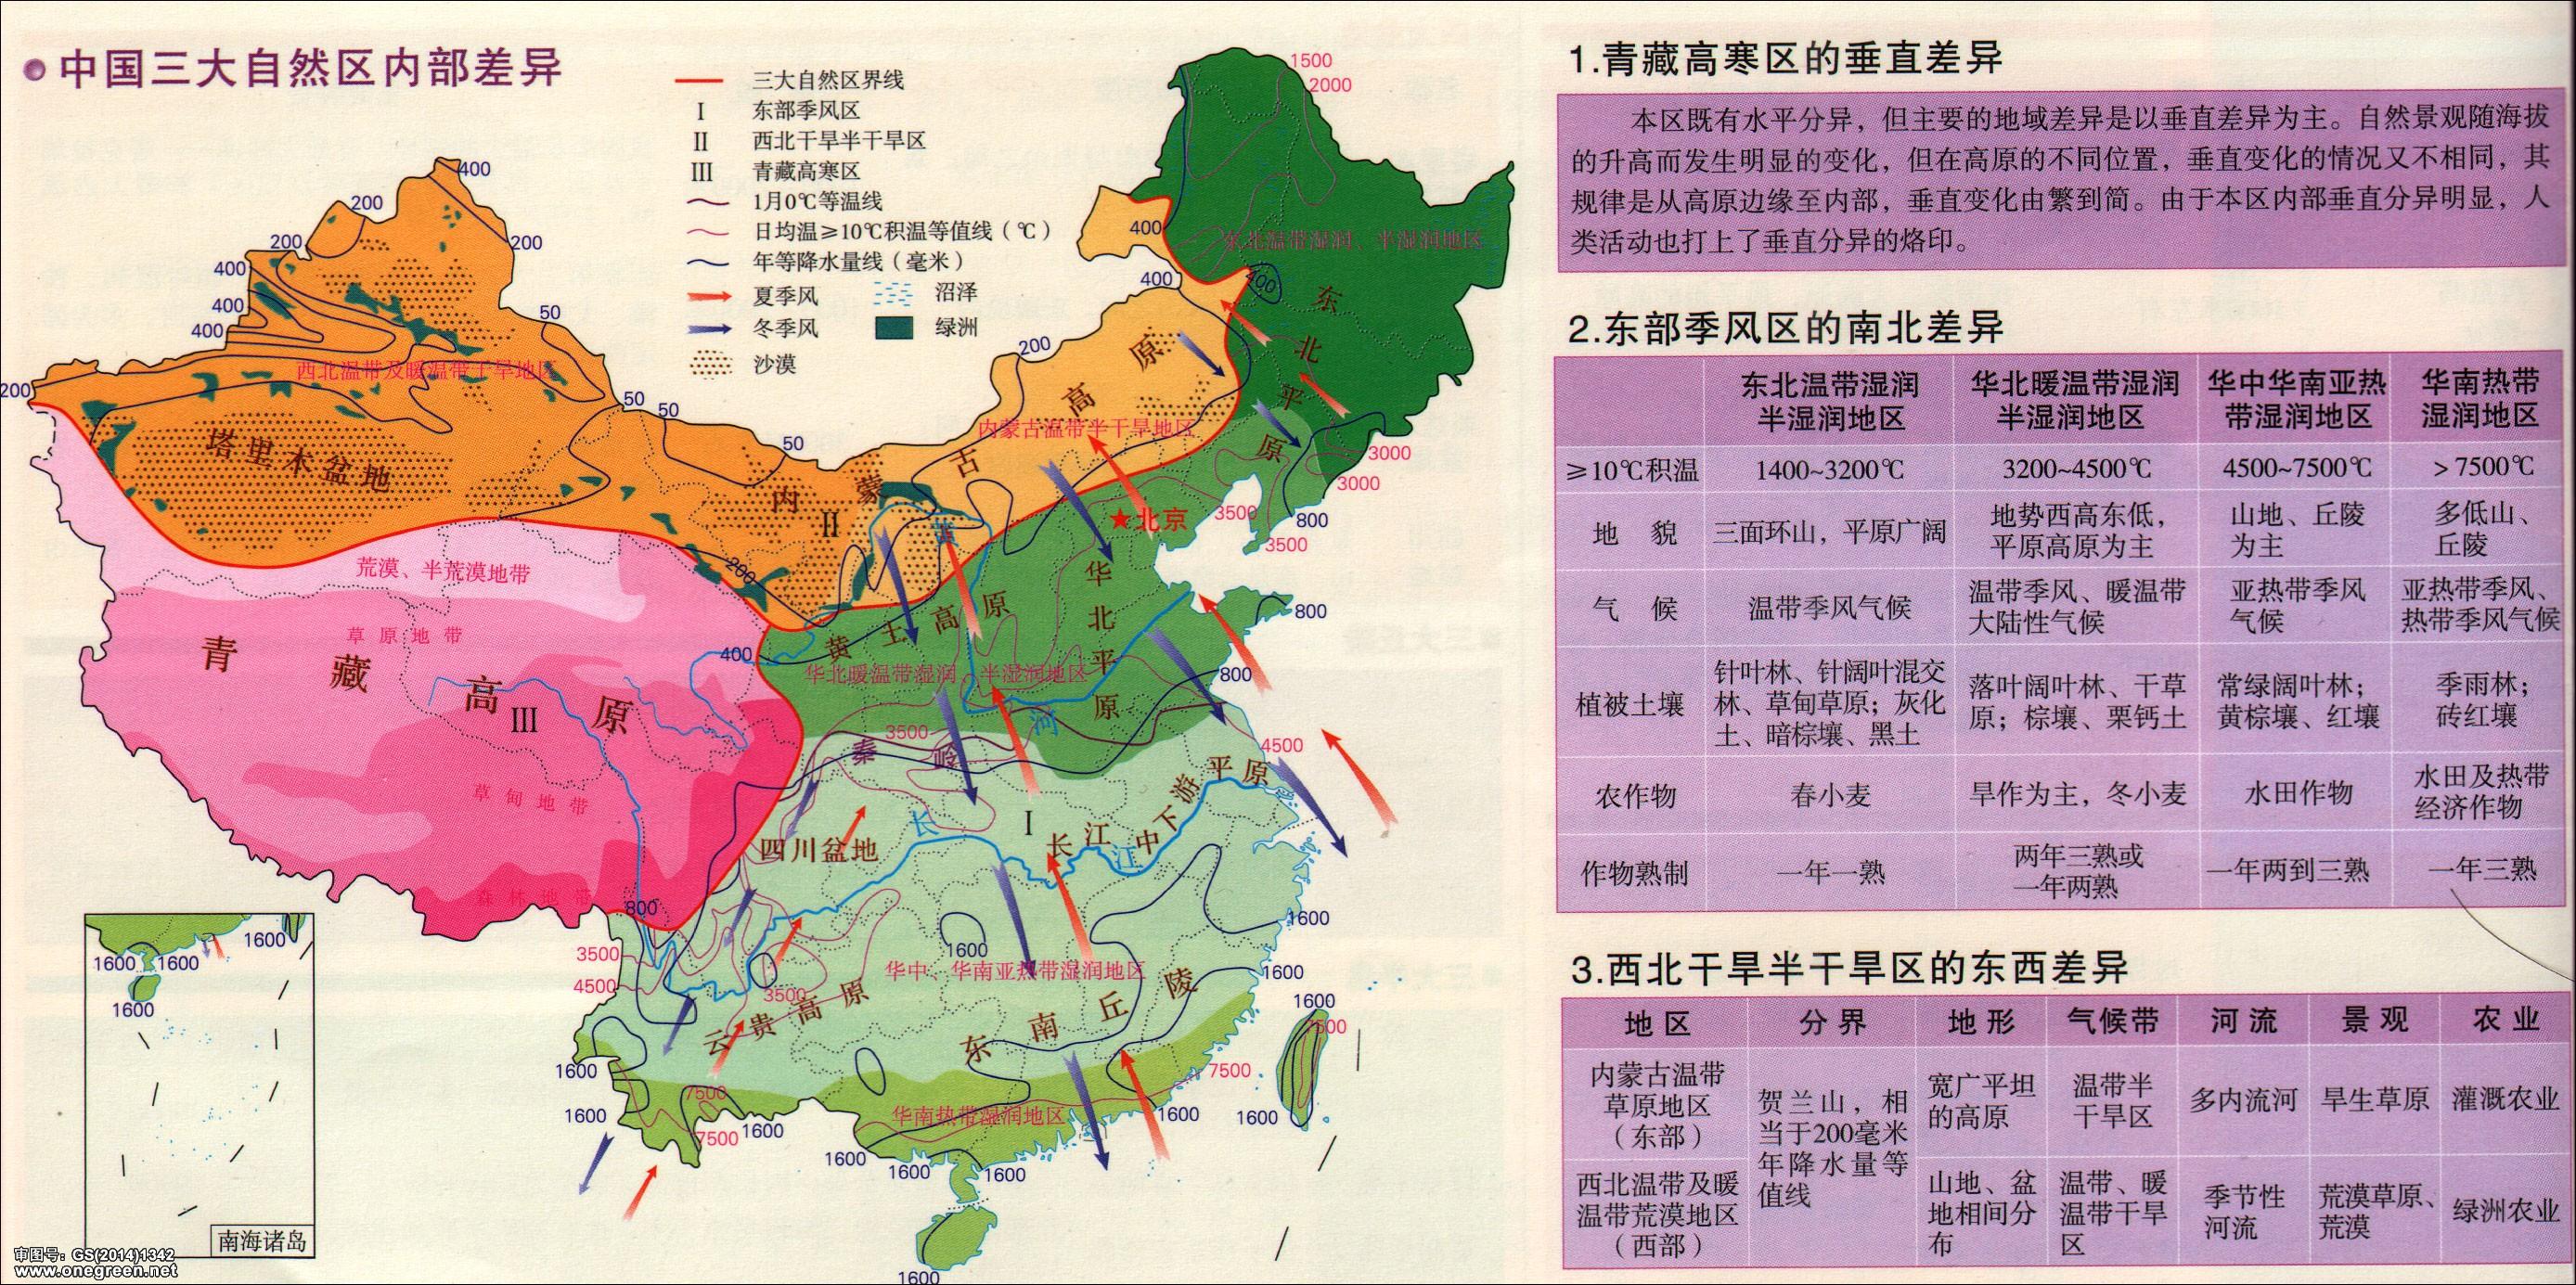 中国地理三大阶梯图_中国三大自然区内部差异_中国地理地图库_地图窝